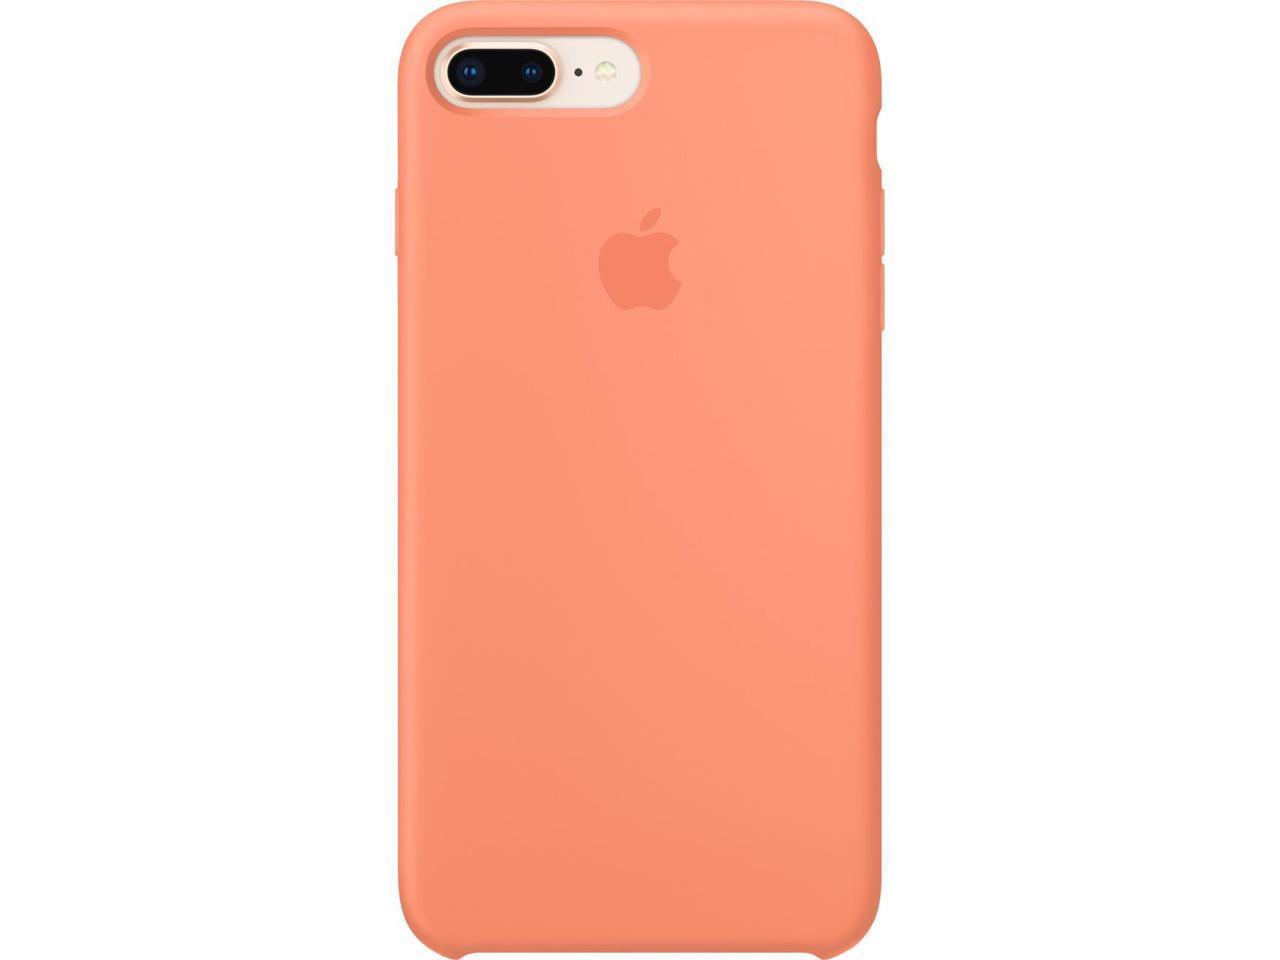 Apple iPhone 8 Plus / 7 Plus Silicone Case - Peach - Newegg.com